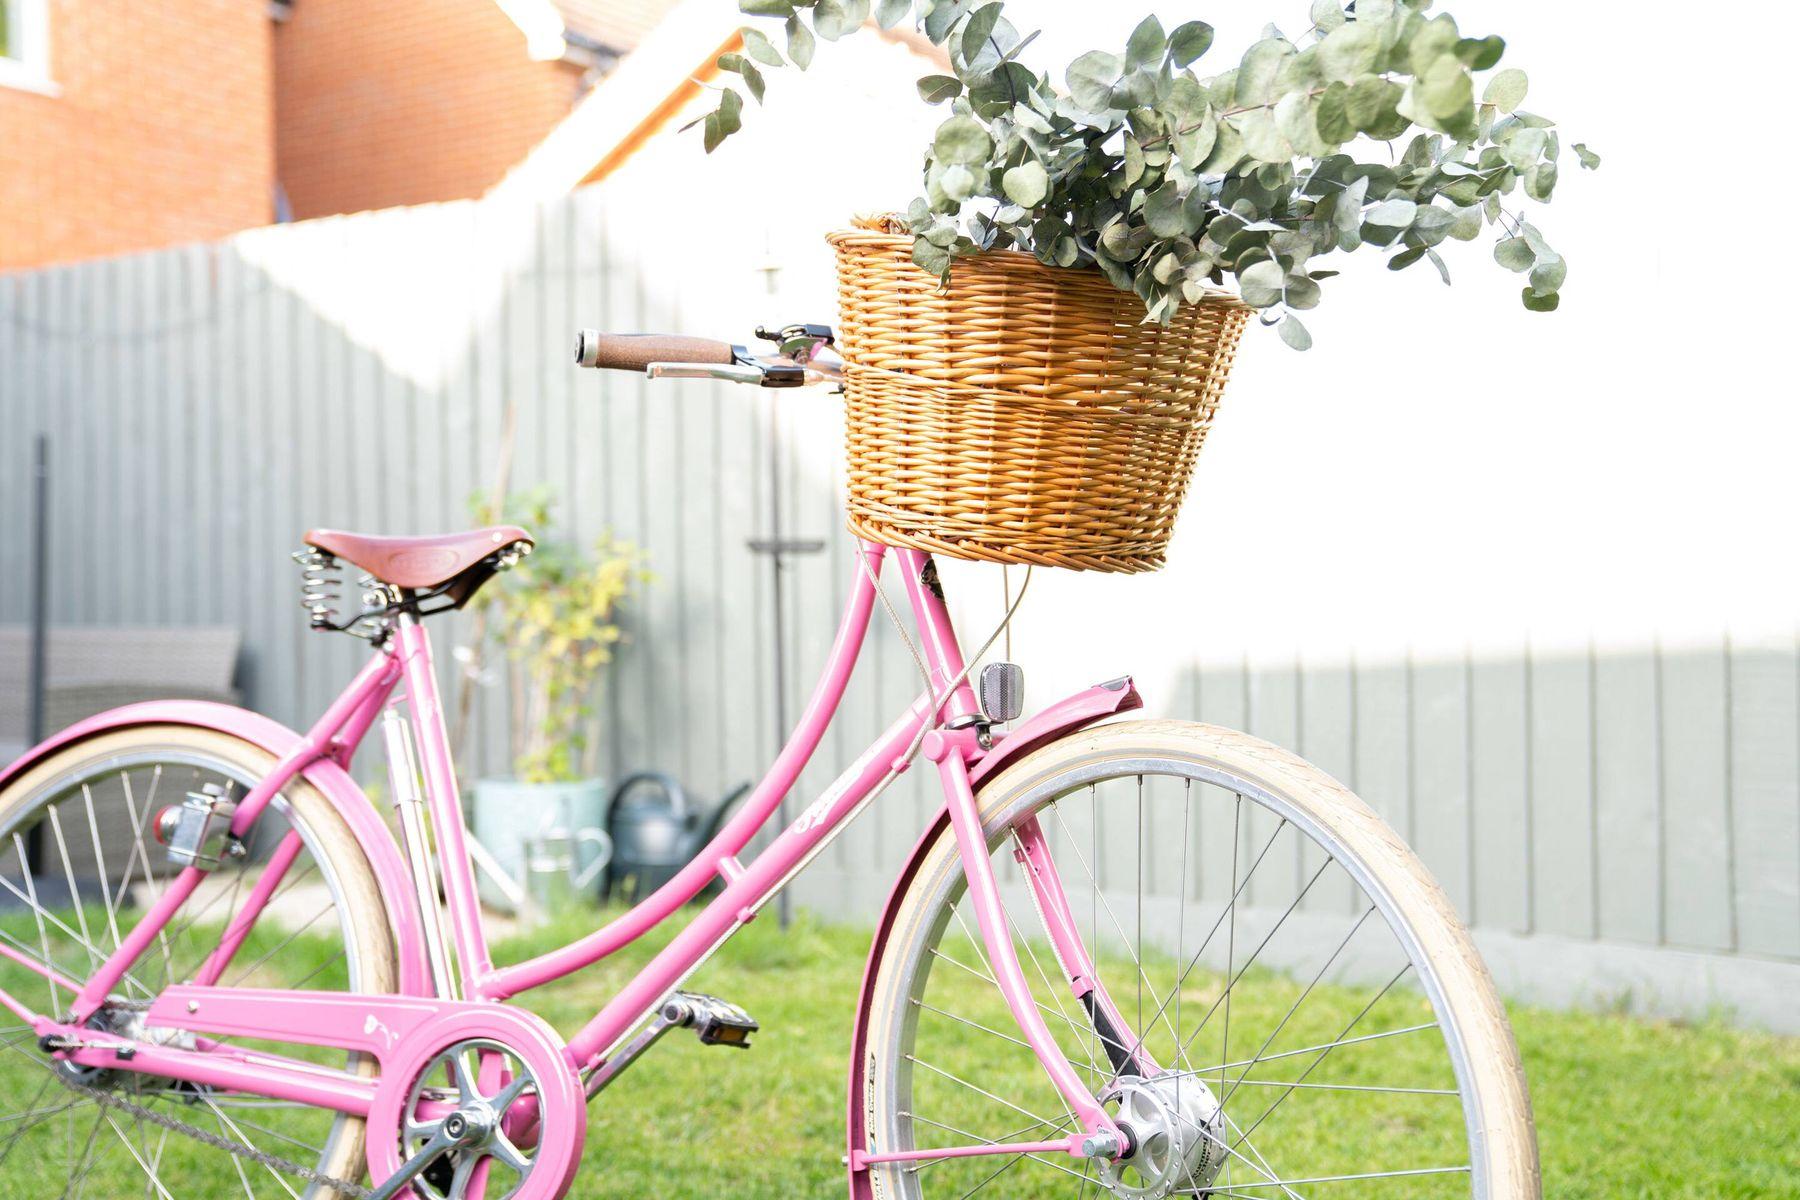 vélo rose avec des feuilles dans le panier